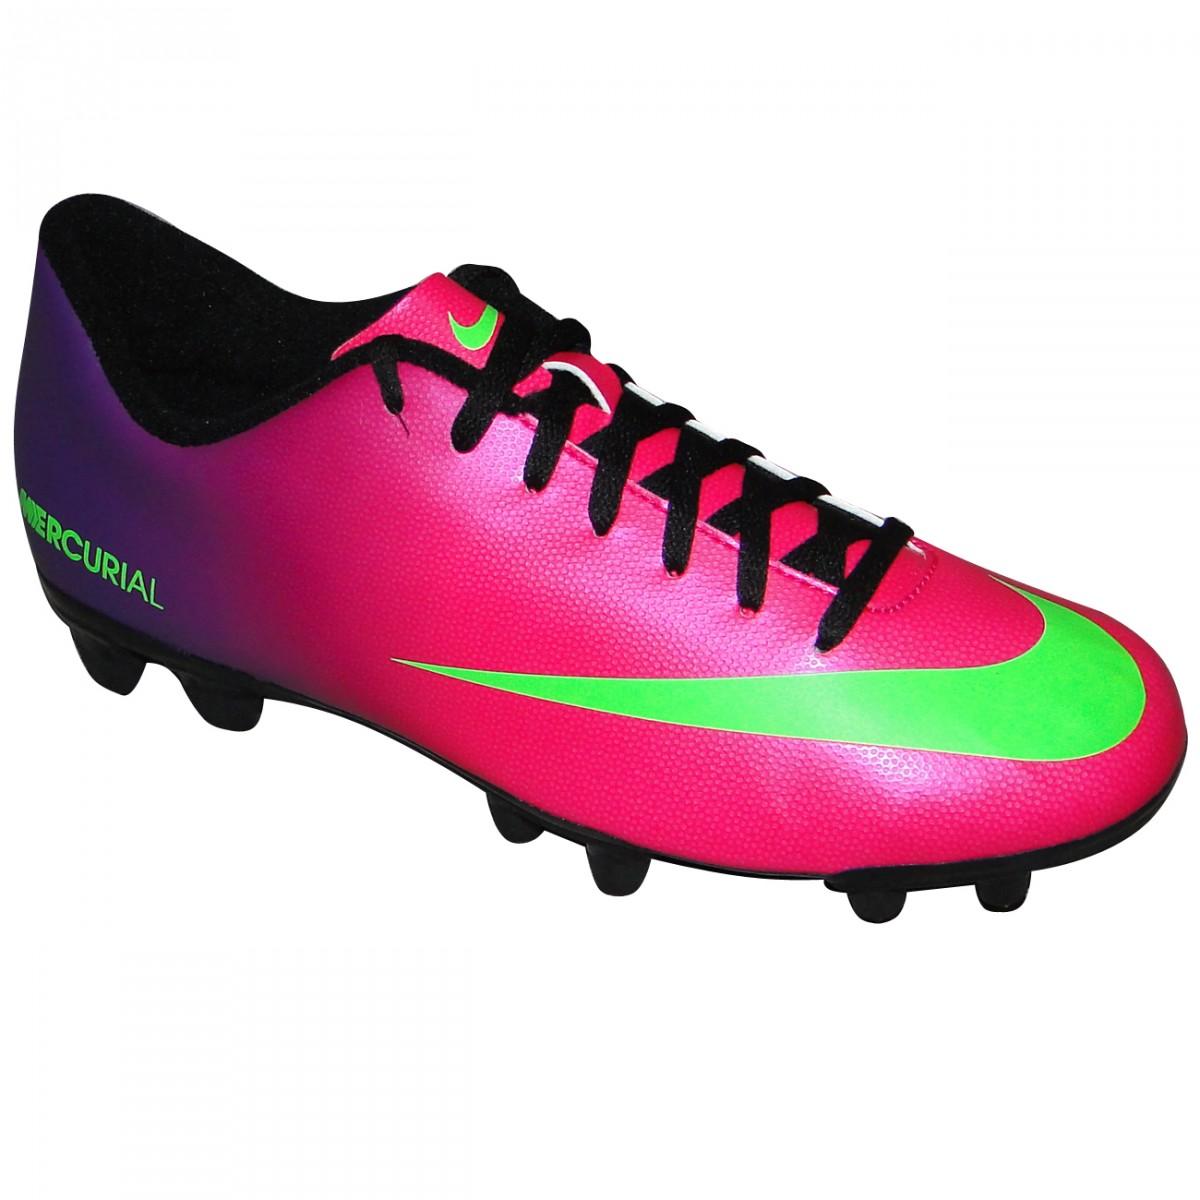 9894c6590f253 Chuteira Nike Mercurial Vortex 573873-635 - Pink/Roxo/Limão - Chuteira Nike,  Adidas. Sandalias Femininas. Sandy Calçados